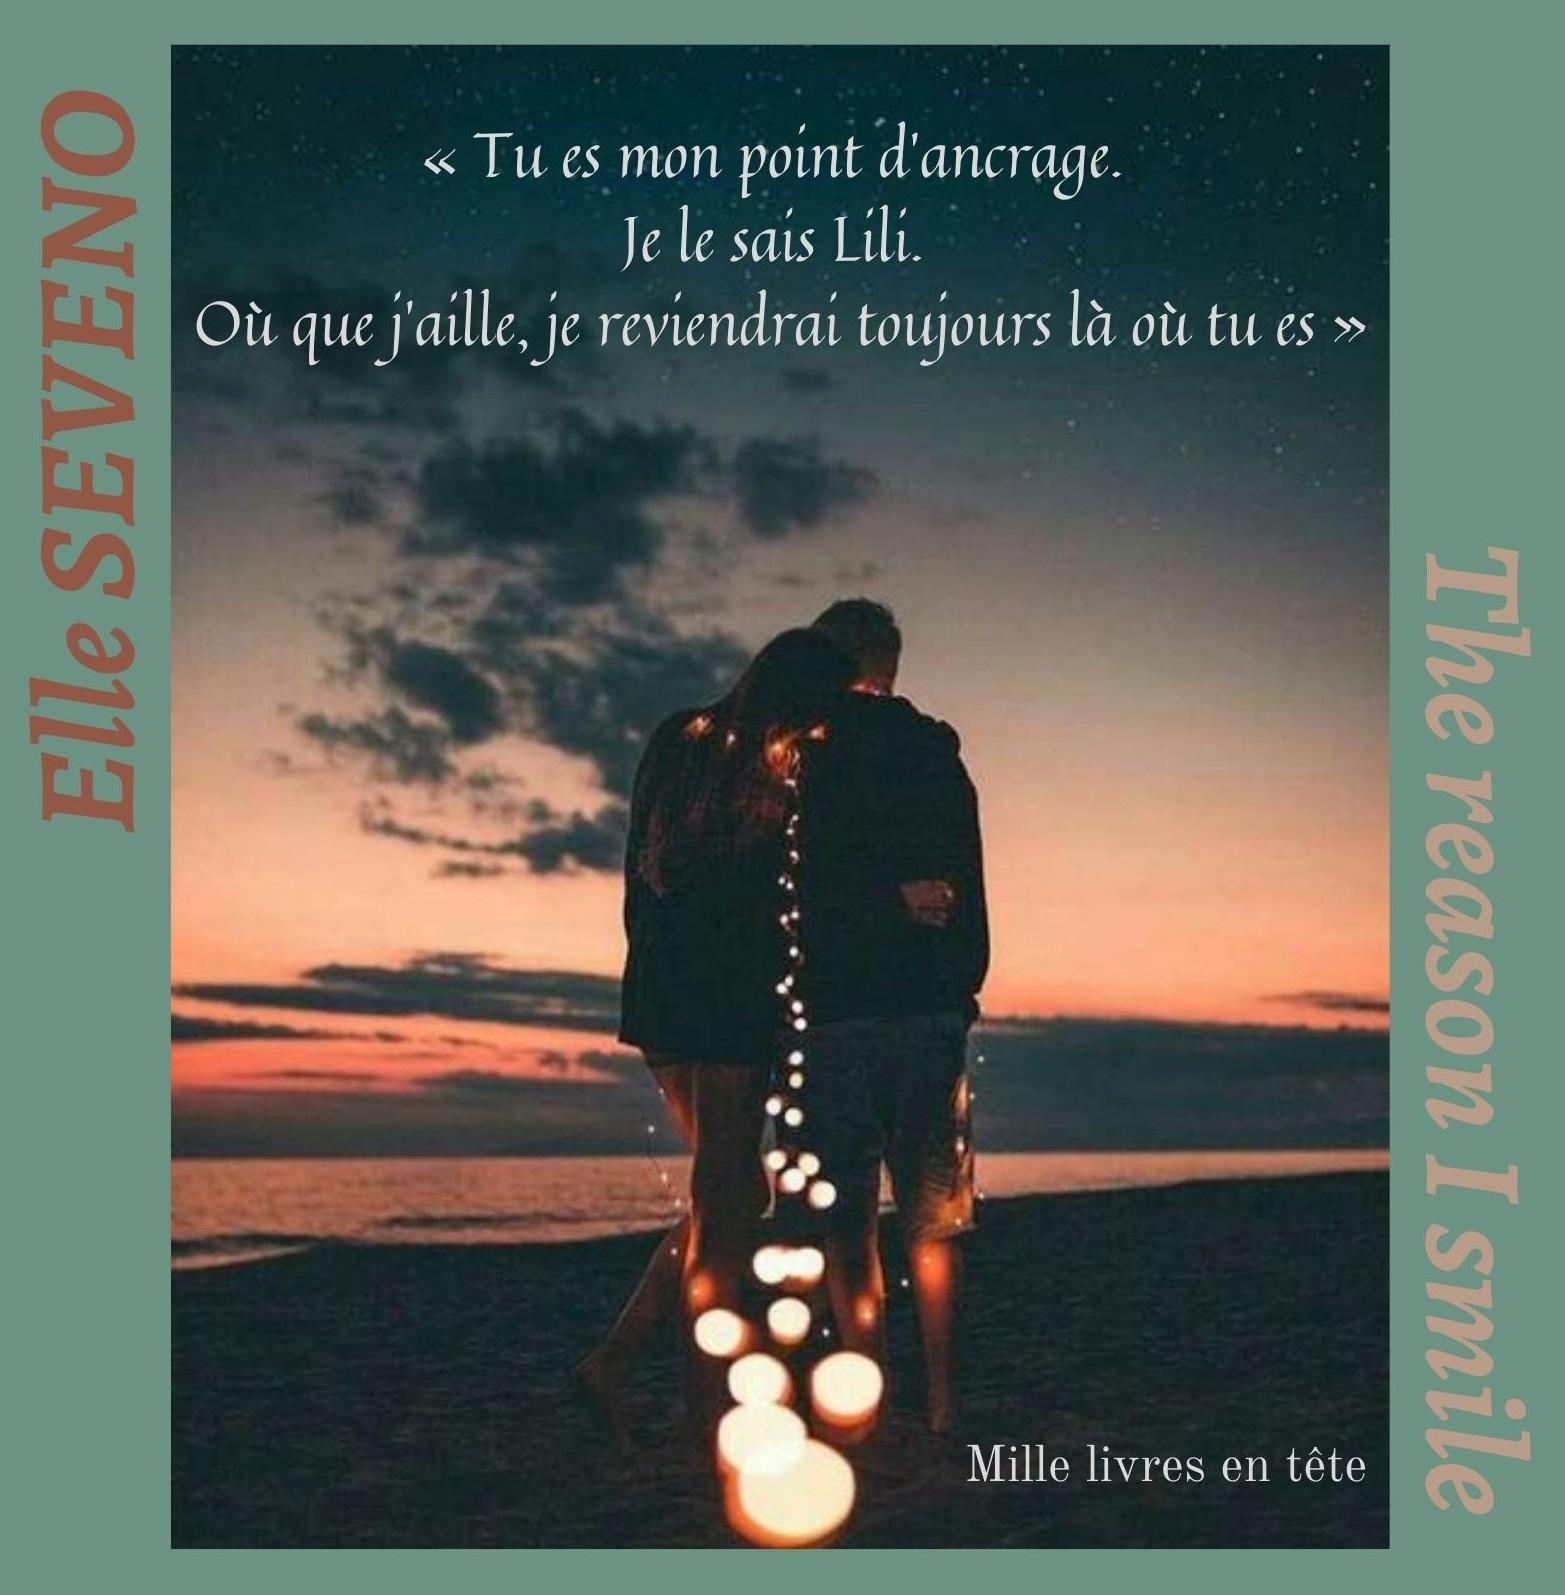 « Tu es mon point d'ancrage. Je le sais Lili. Où que j'aille je reviendrai toujours là où tu es ».jpg